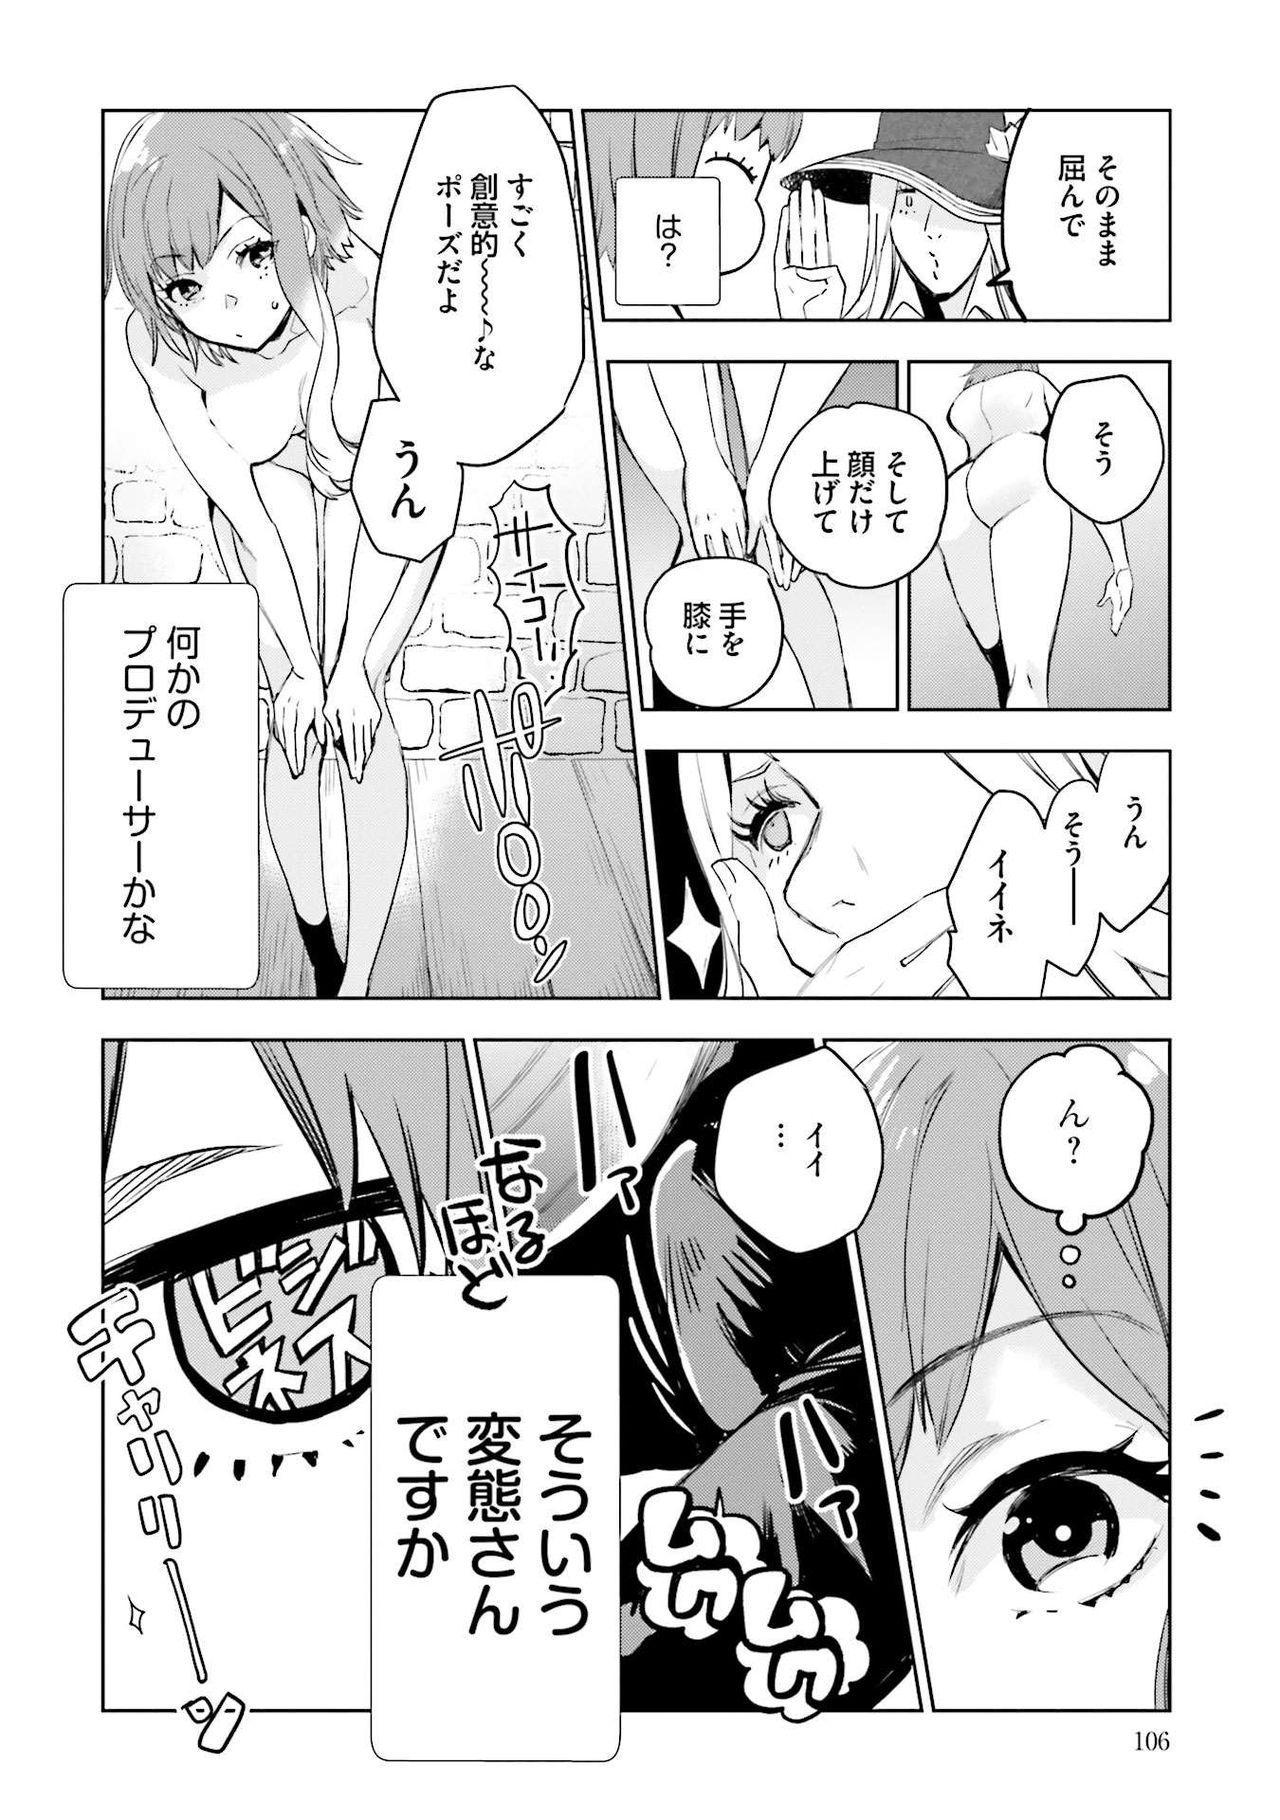 JK Haru wa Isekai de Shoufu ni Natta 1-14 107